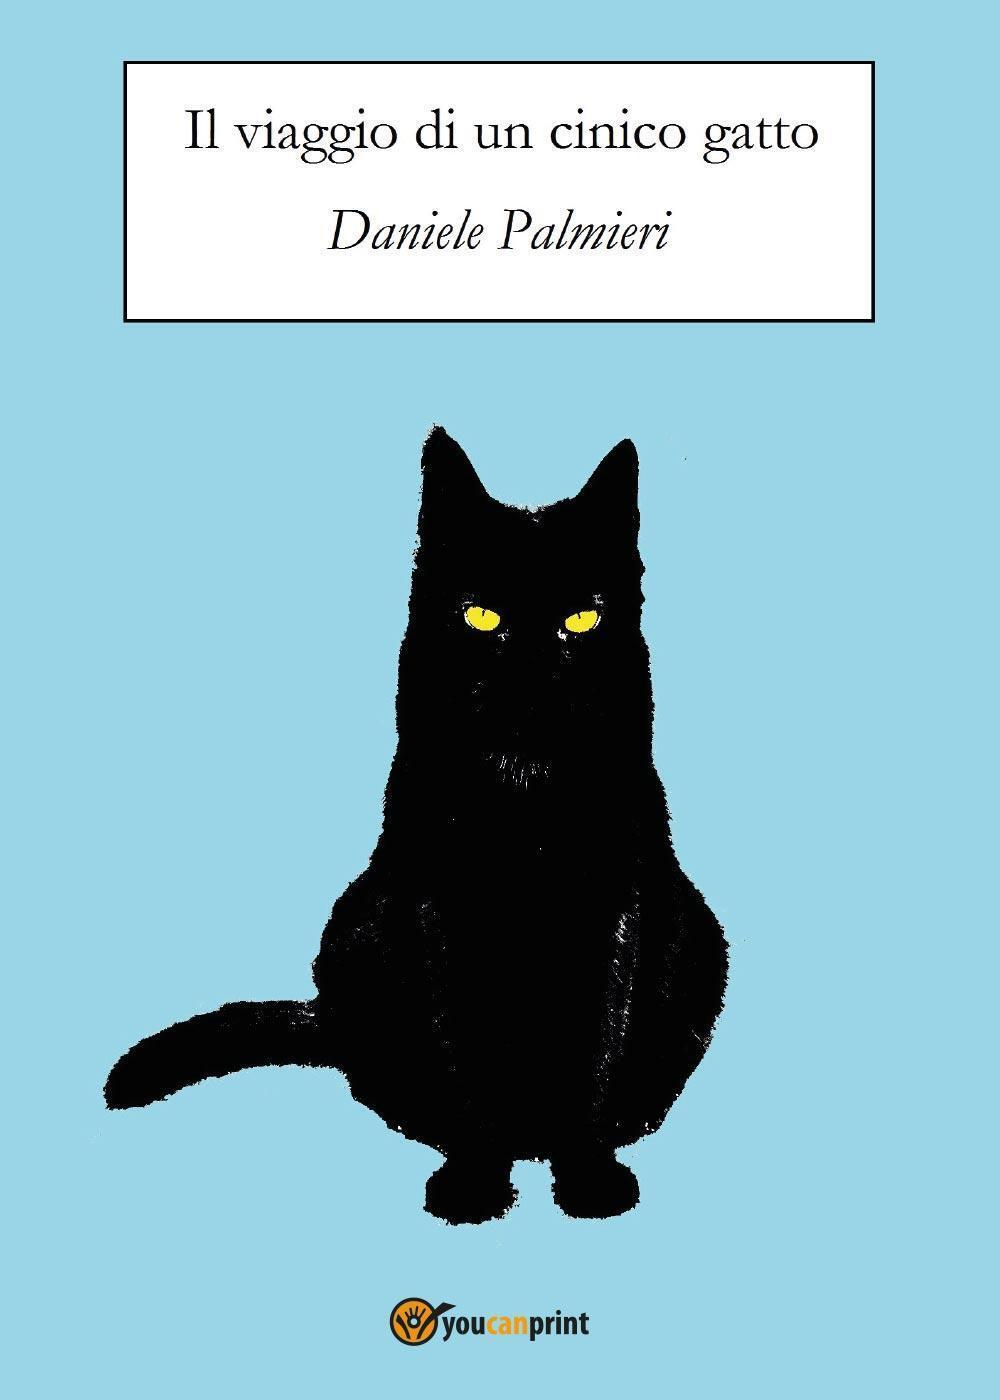 Amato Il viaggio di un cinico gatto - Daniele Palmieri - Libro  PQ96